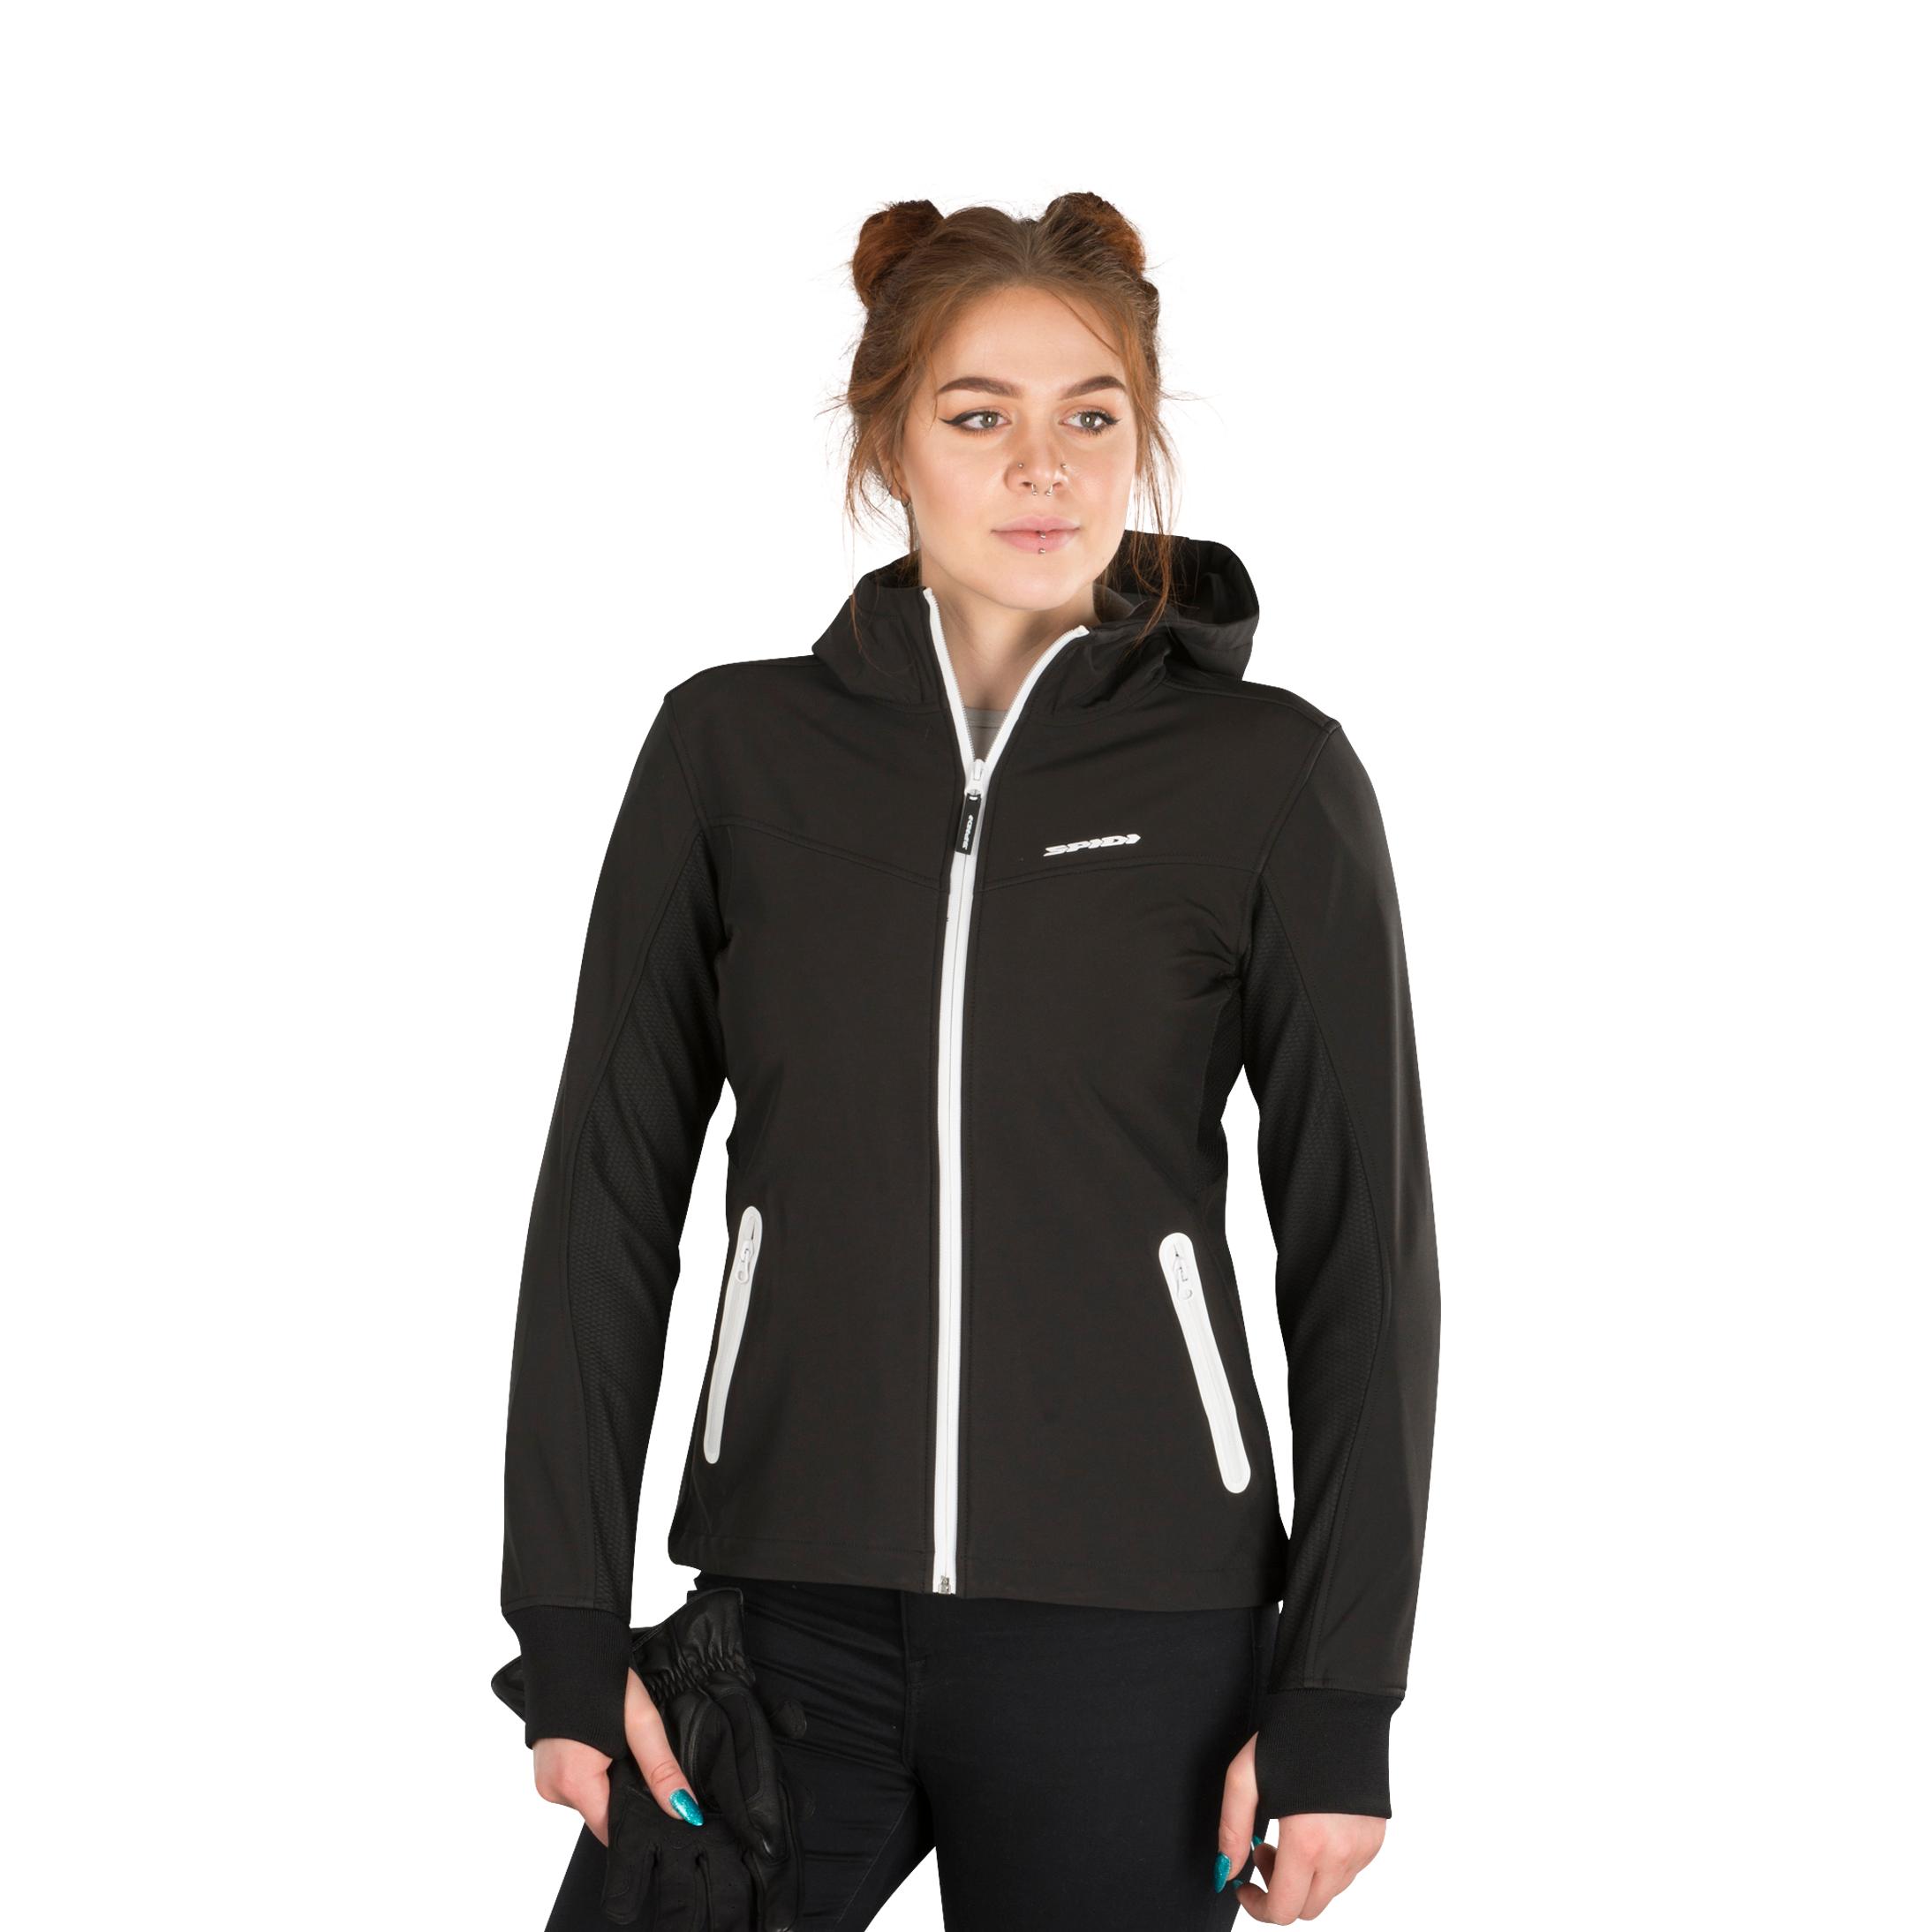 Spidi Veste à Capuche Femme Spidi Armor Noir-Blanc XL